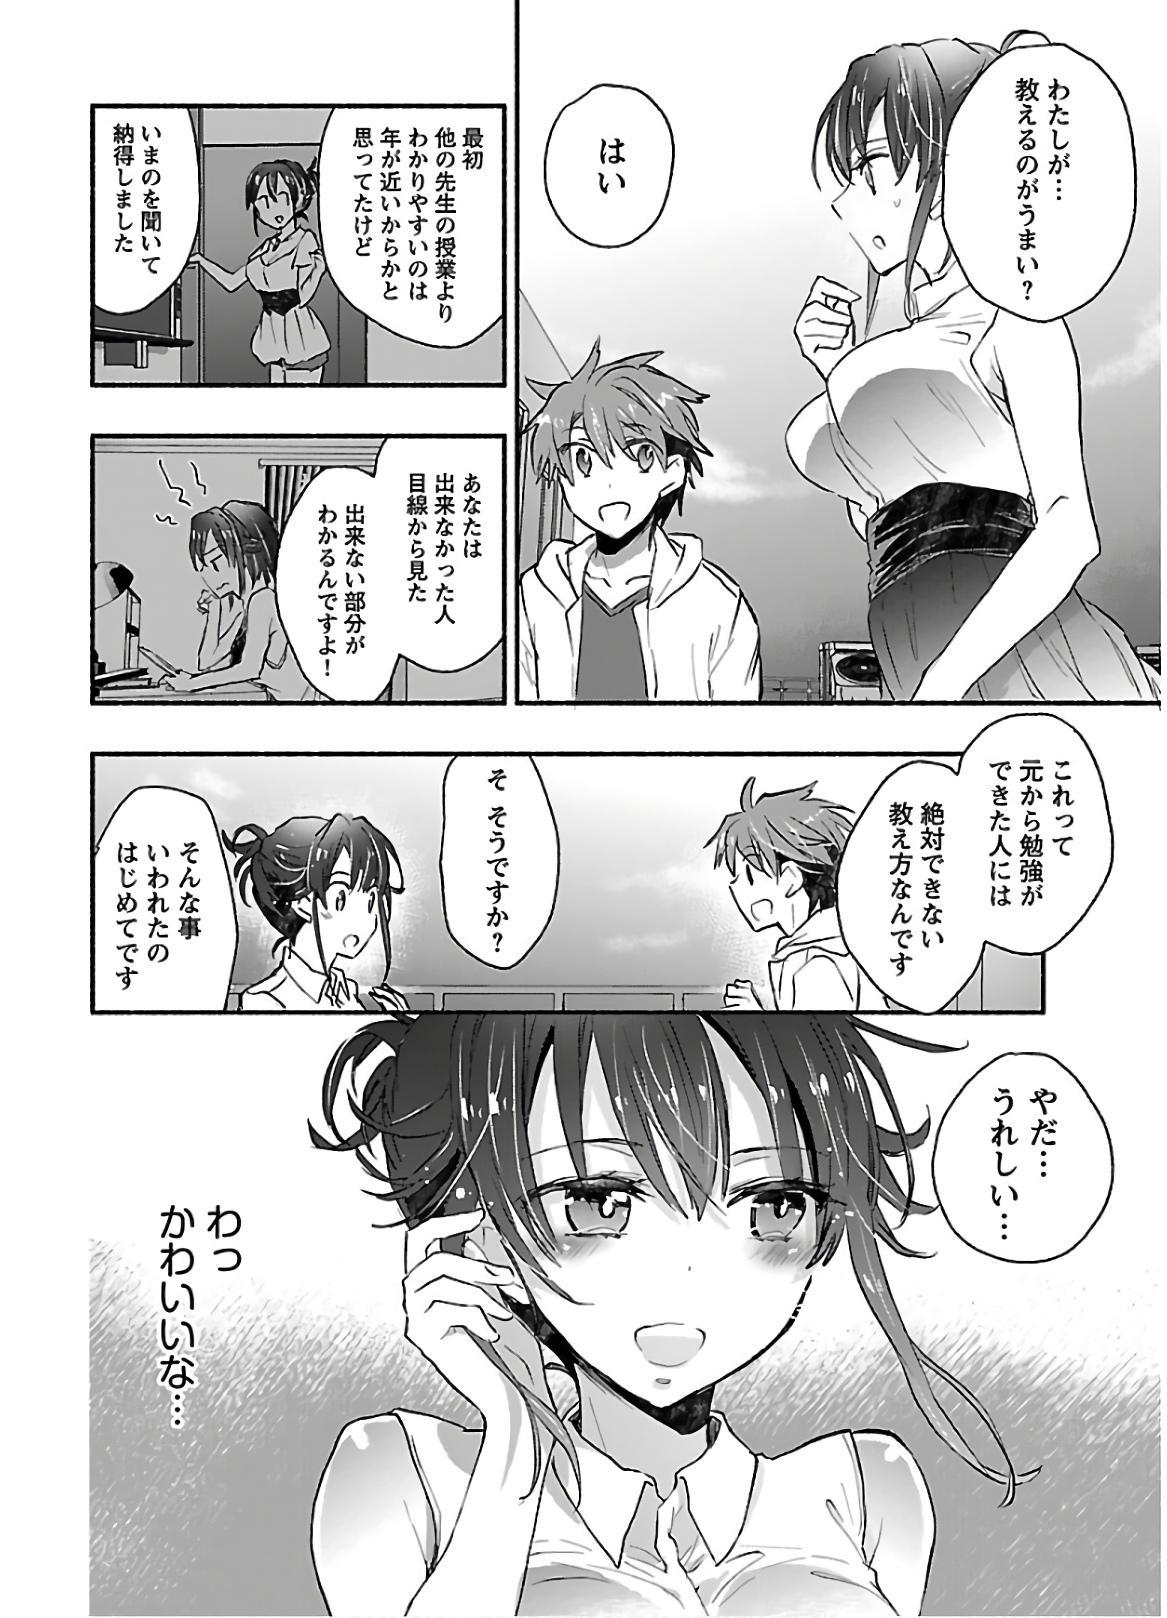 Yankii musume ni natsukarete kotoshi mo juken ni shippai shisou desu  vol.1 141